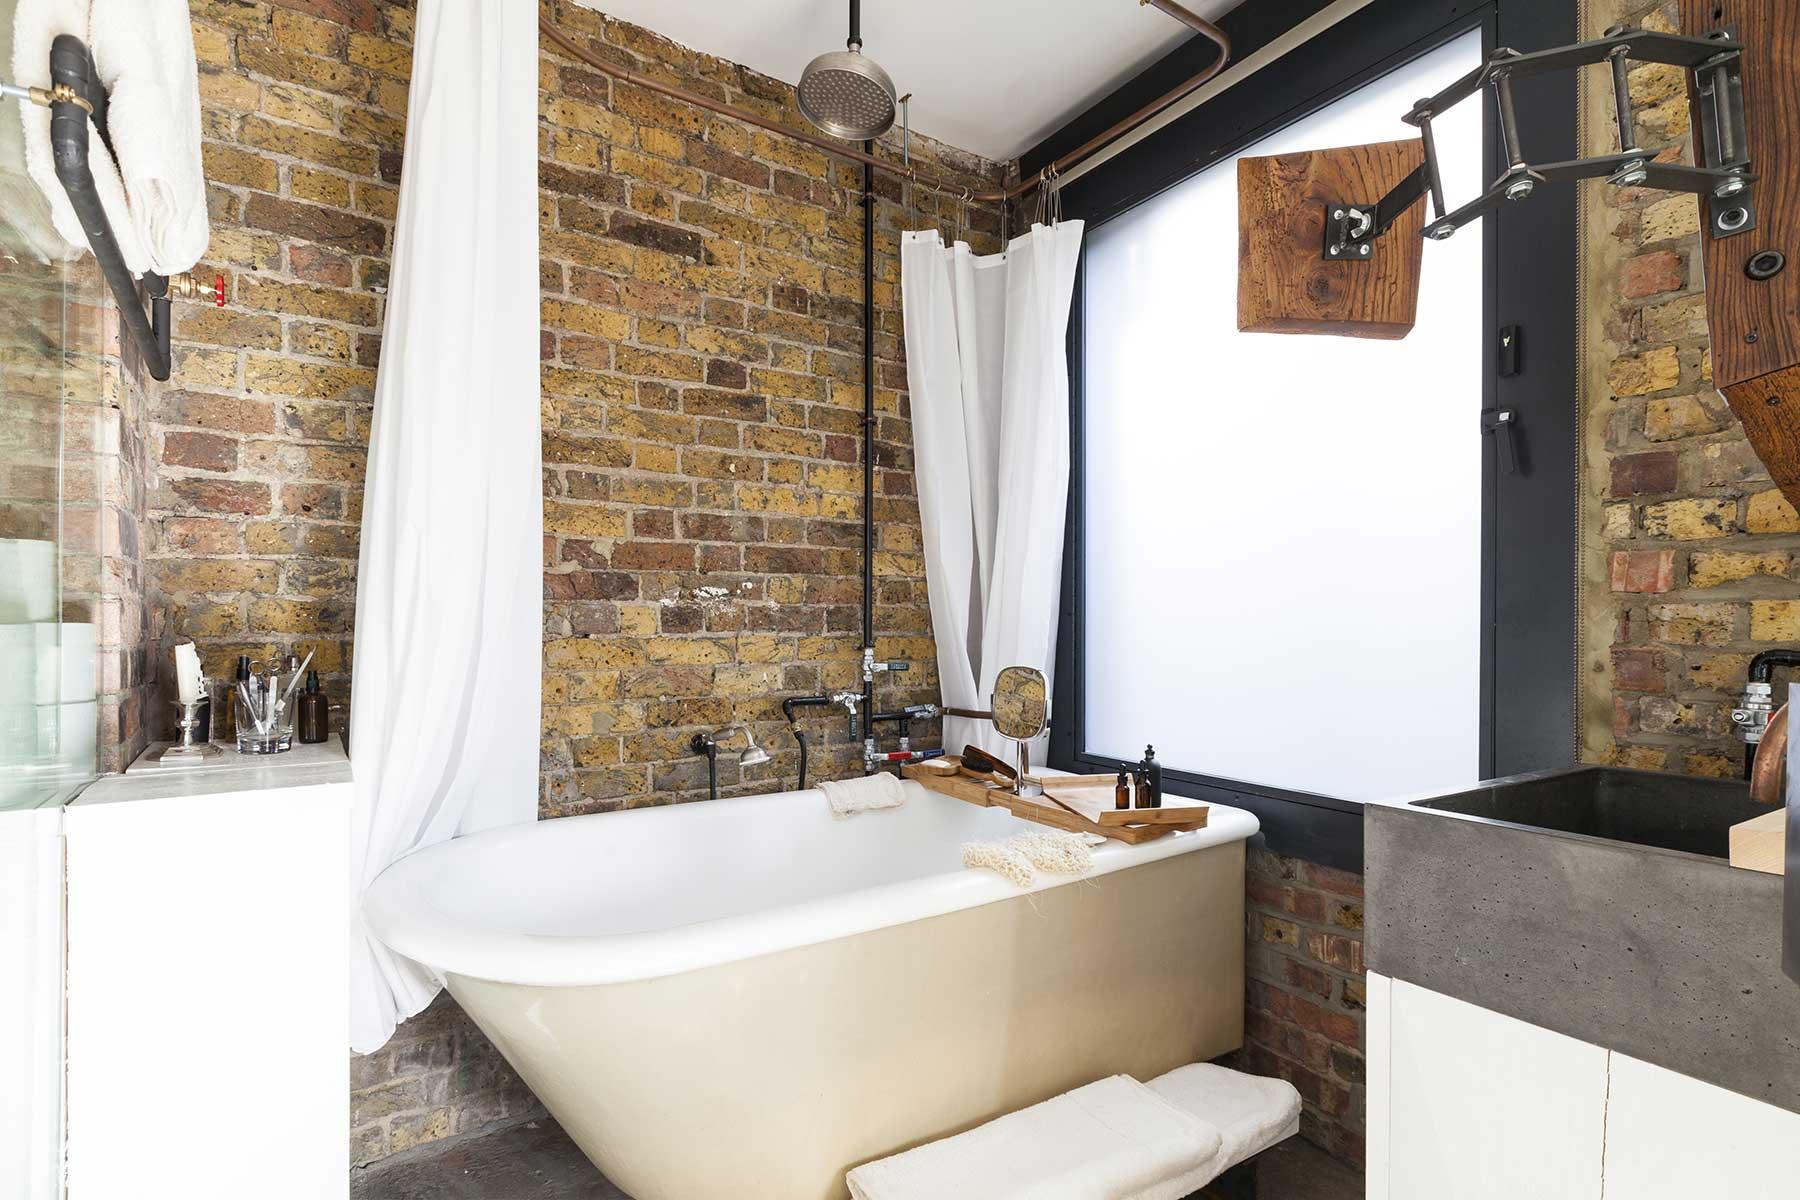 briquette salle de bain - fashion designs - Salle De Bain Briquette